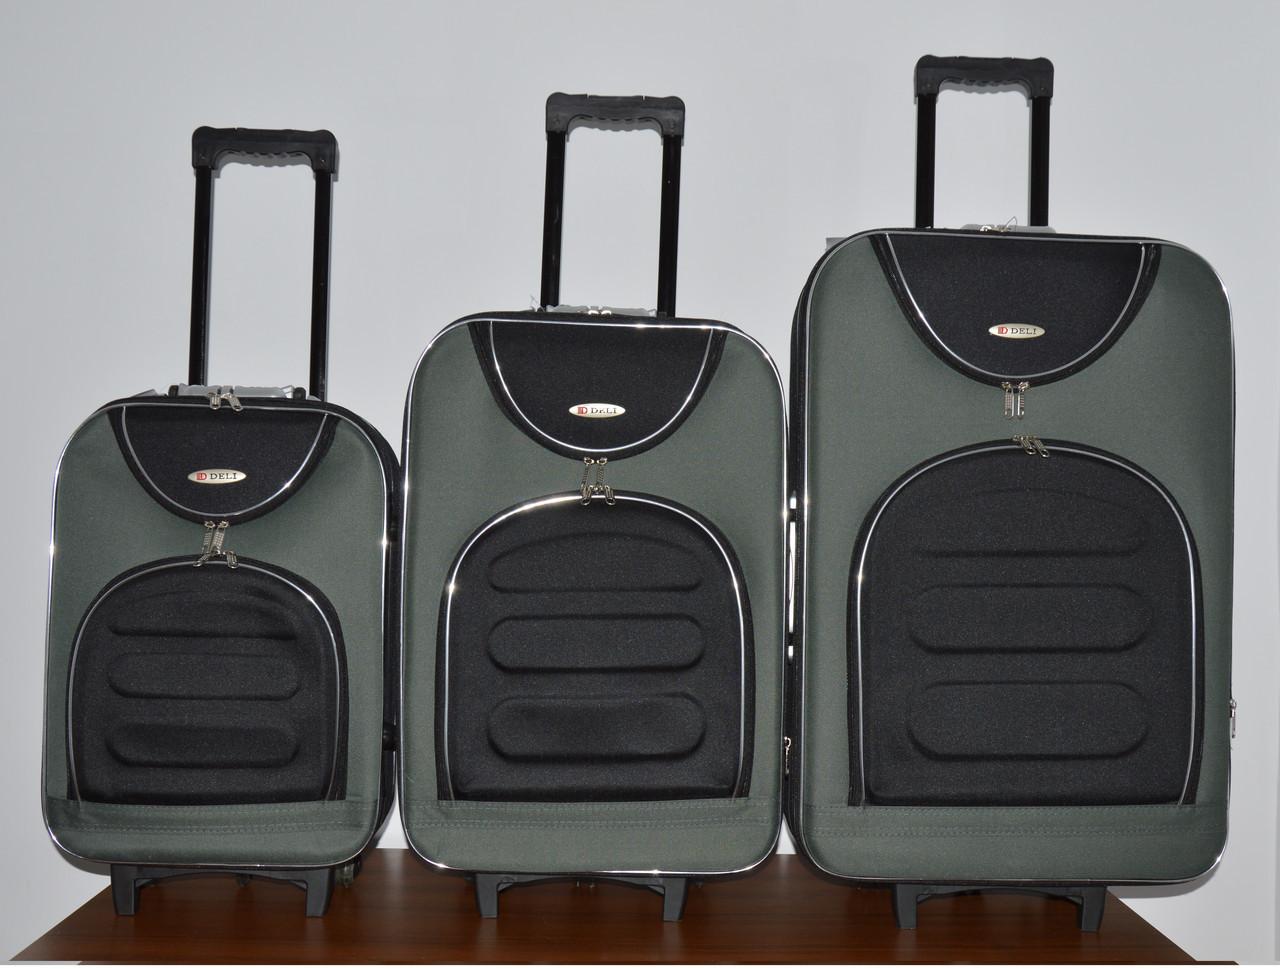 Чемодан сумка Deli 801 набор 3 штуки черно серый